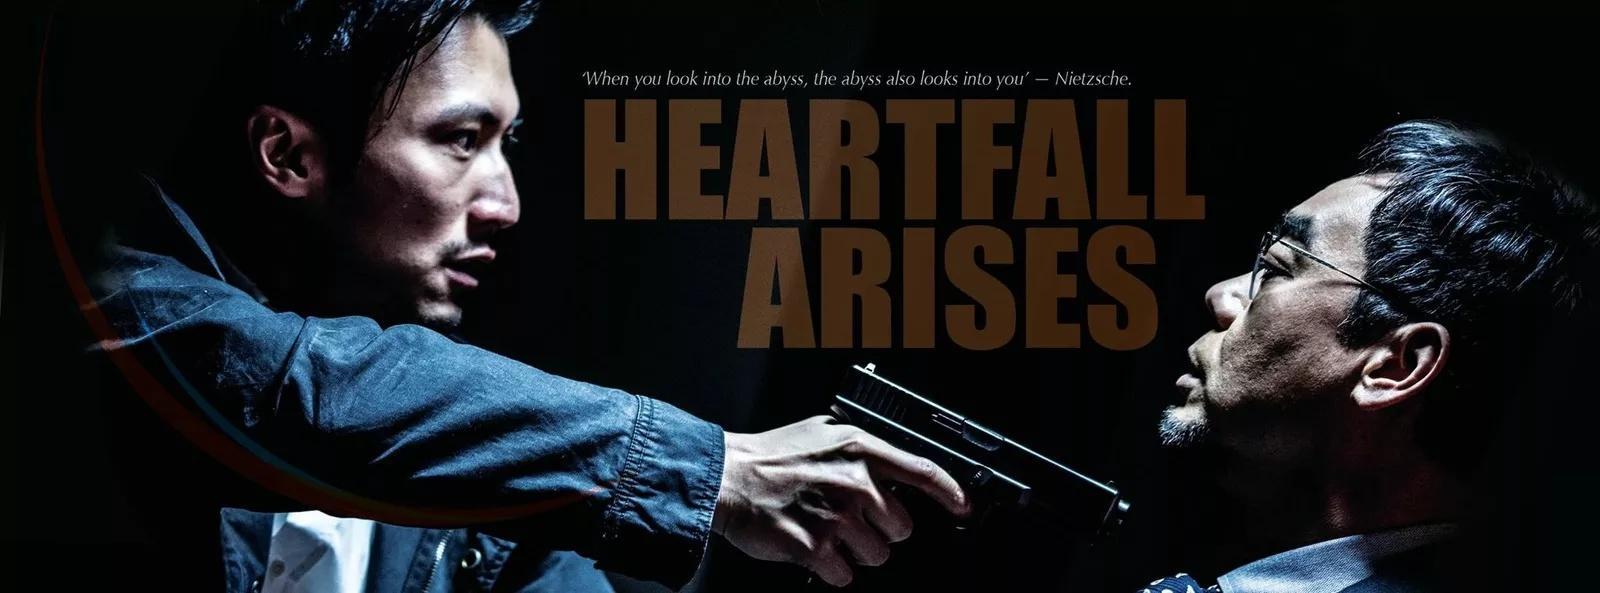 مشاهدة فيلم Heartfall Arises 2016 HD مترجم كامل اون لاين